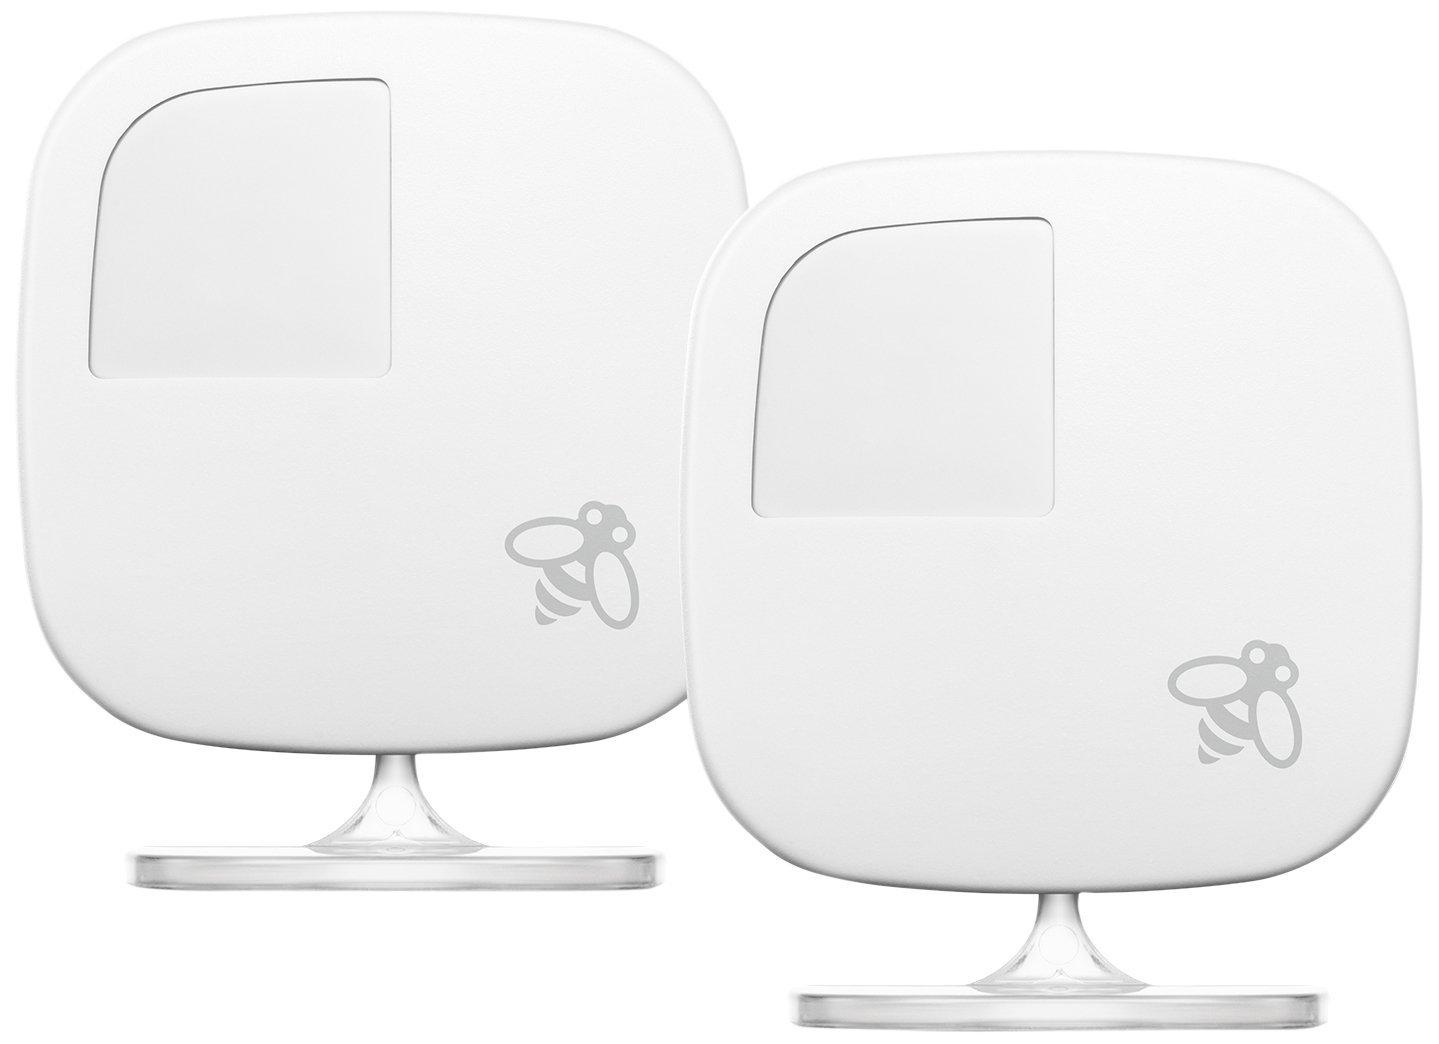 Ecobee3 sensors